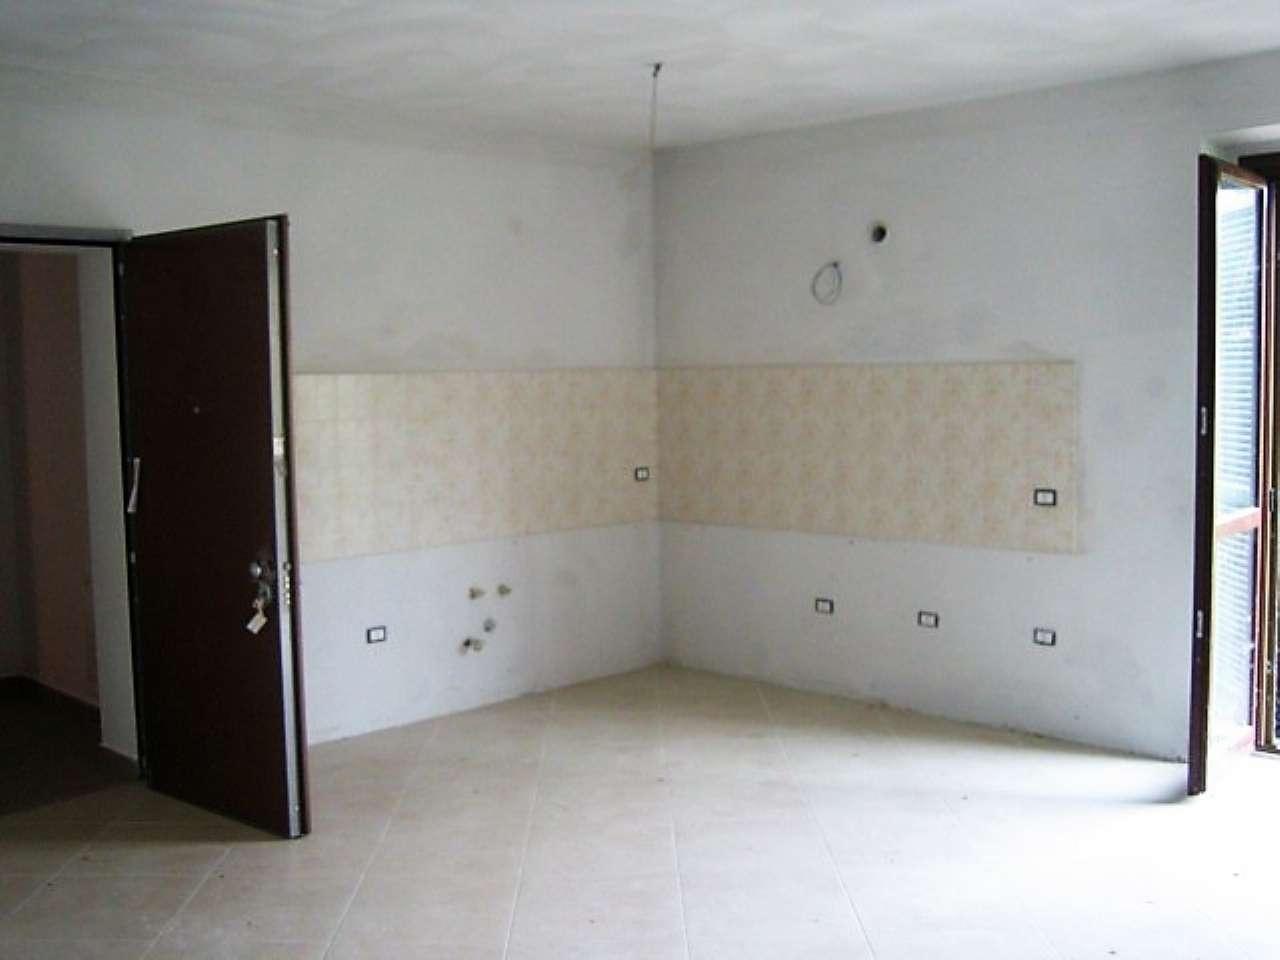 Appartamento in vendita a Dorno, 2 locali, prezzo € 63.000 | CambioCasa.it